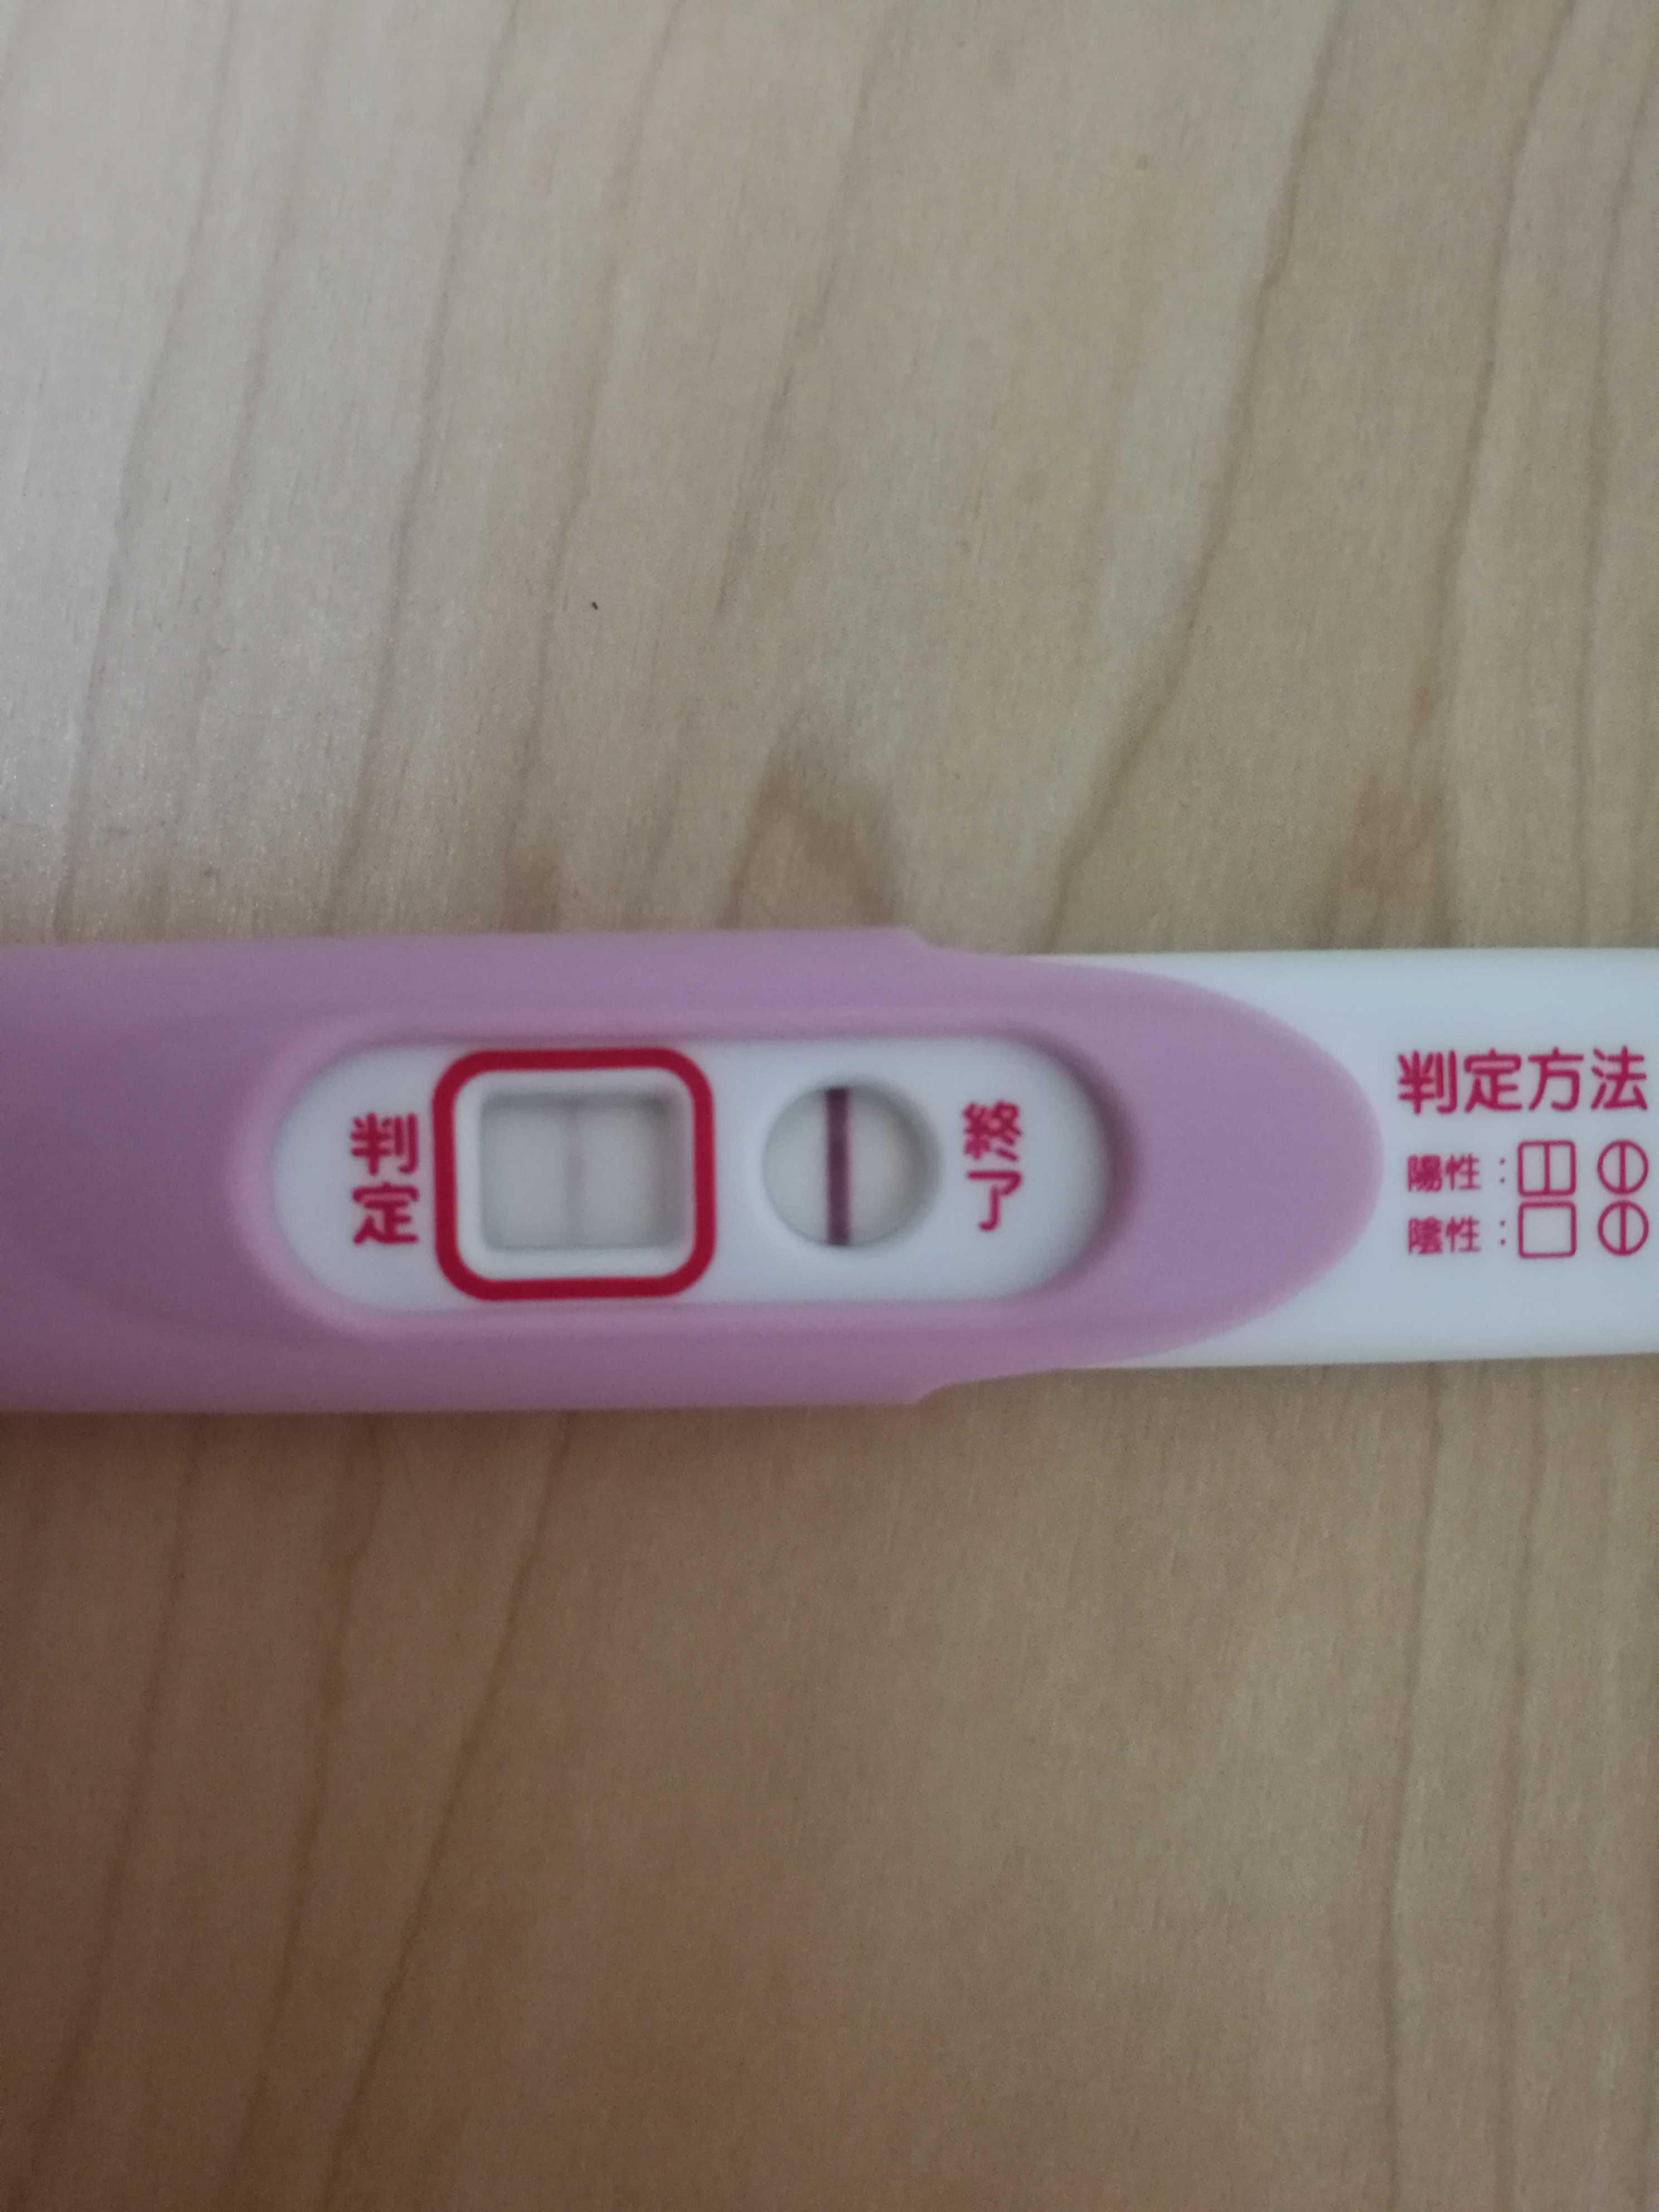 体温下がる 高温期17日目